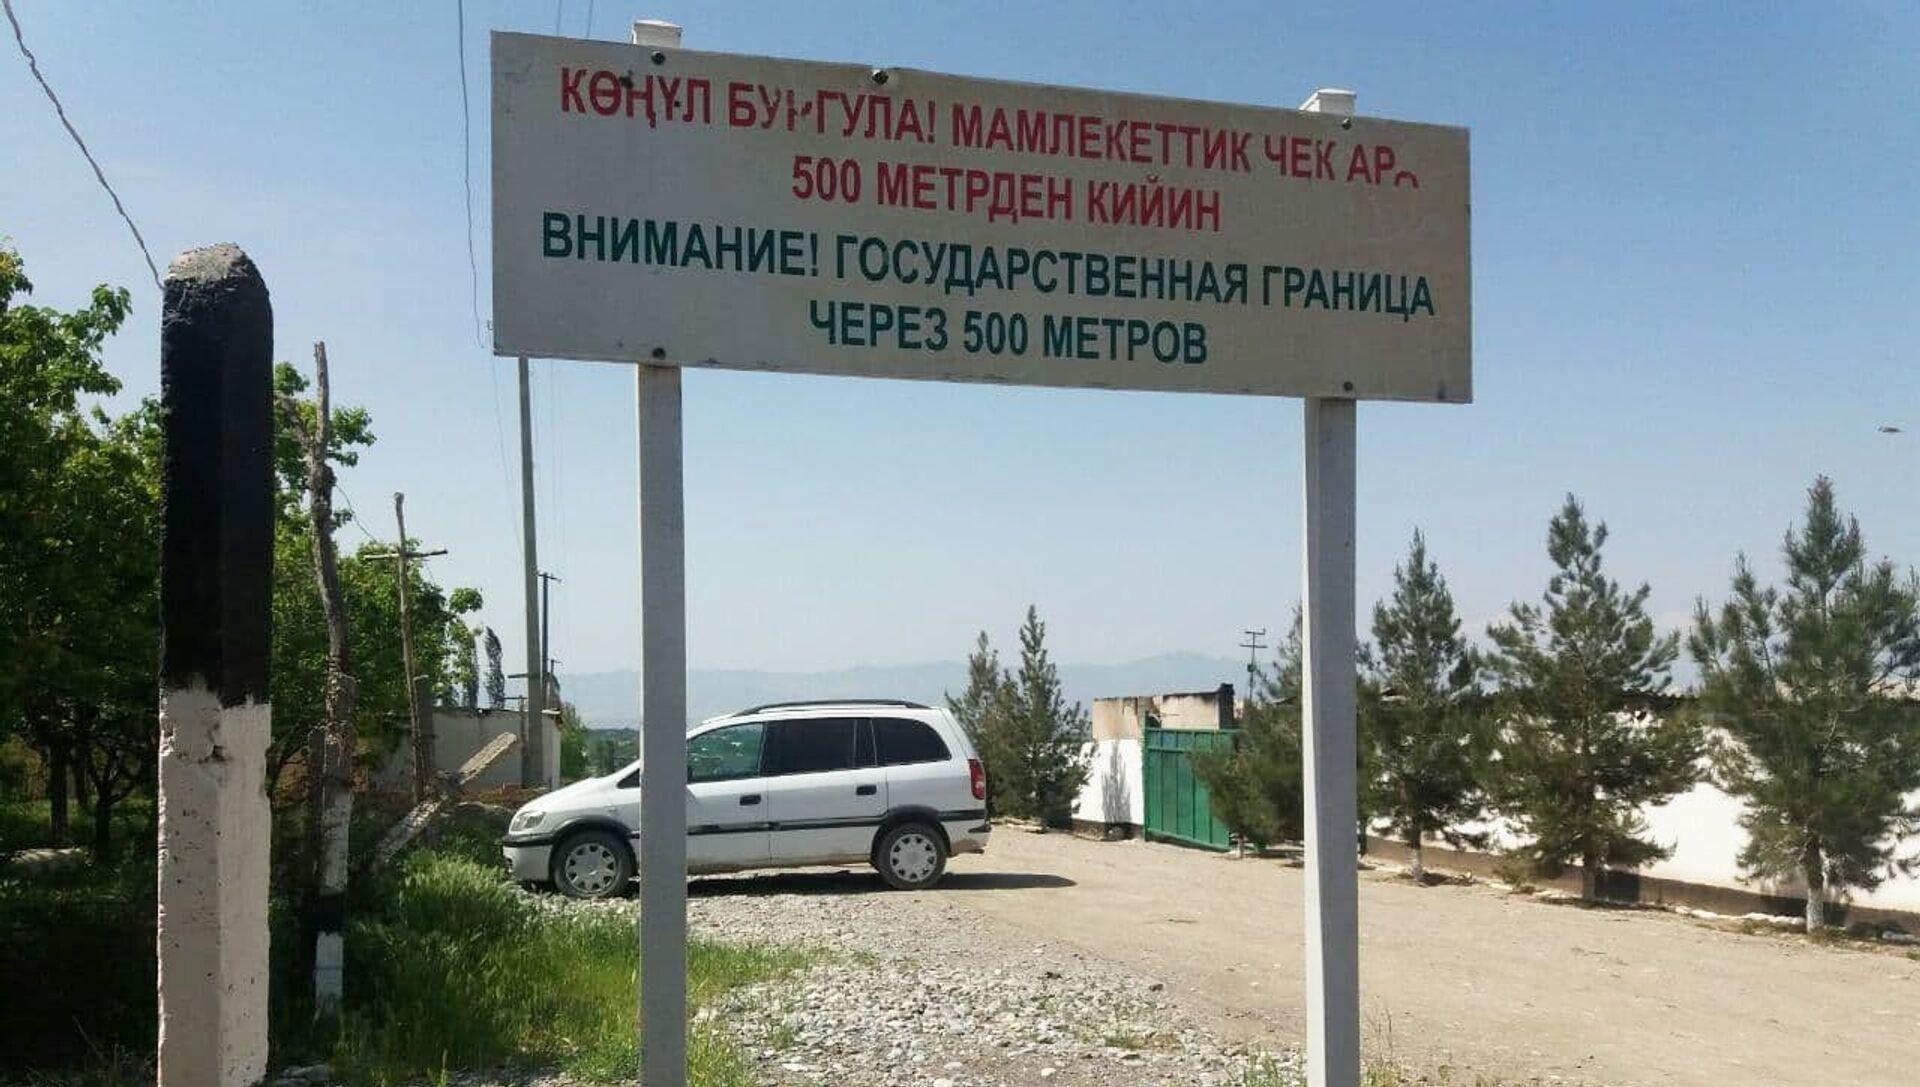 Ситуация на границе Киргизии и Таджикистана - Sputnik Беларусь, 1920, 10.05.2021